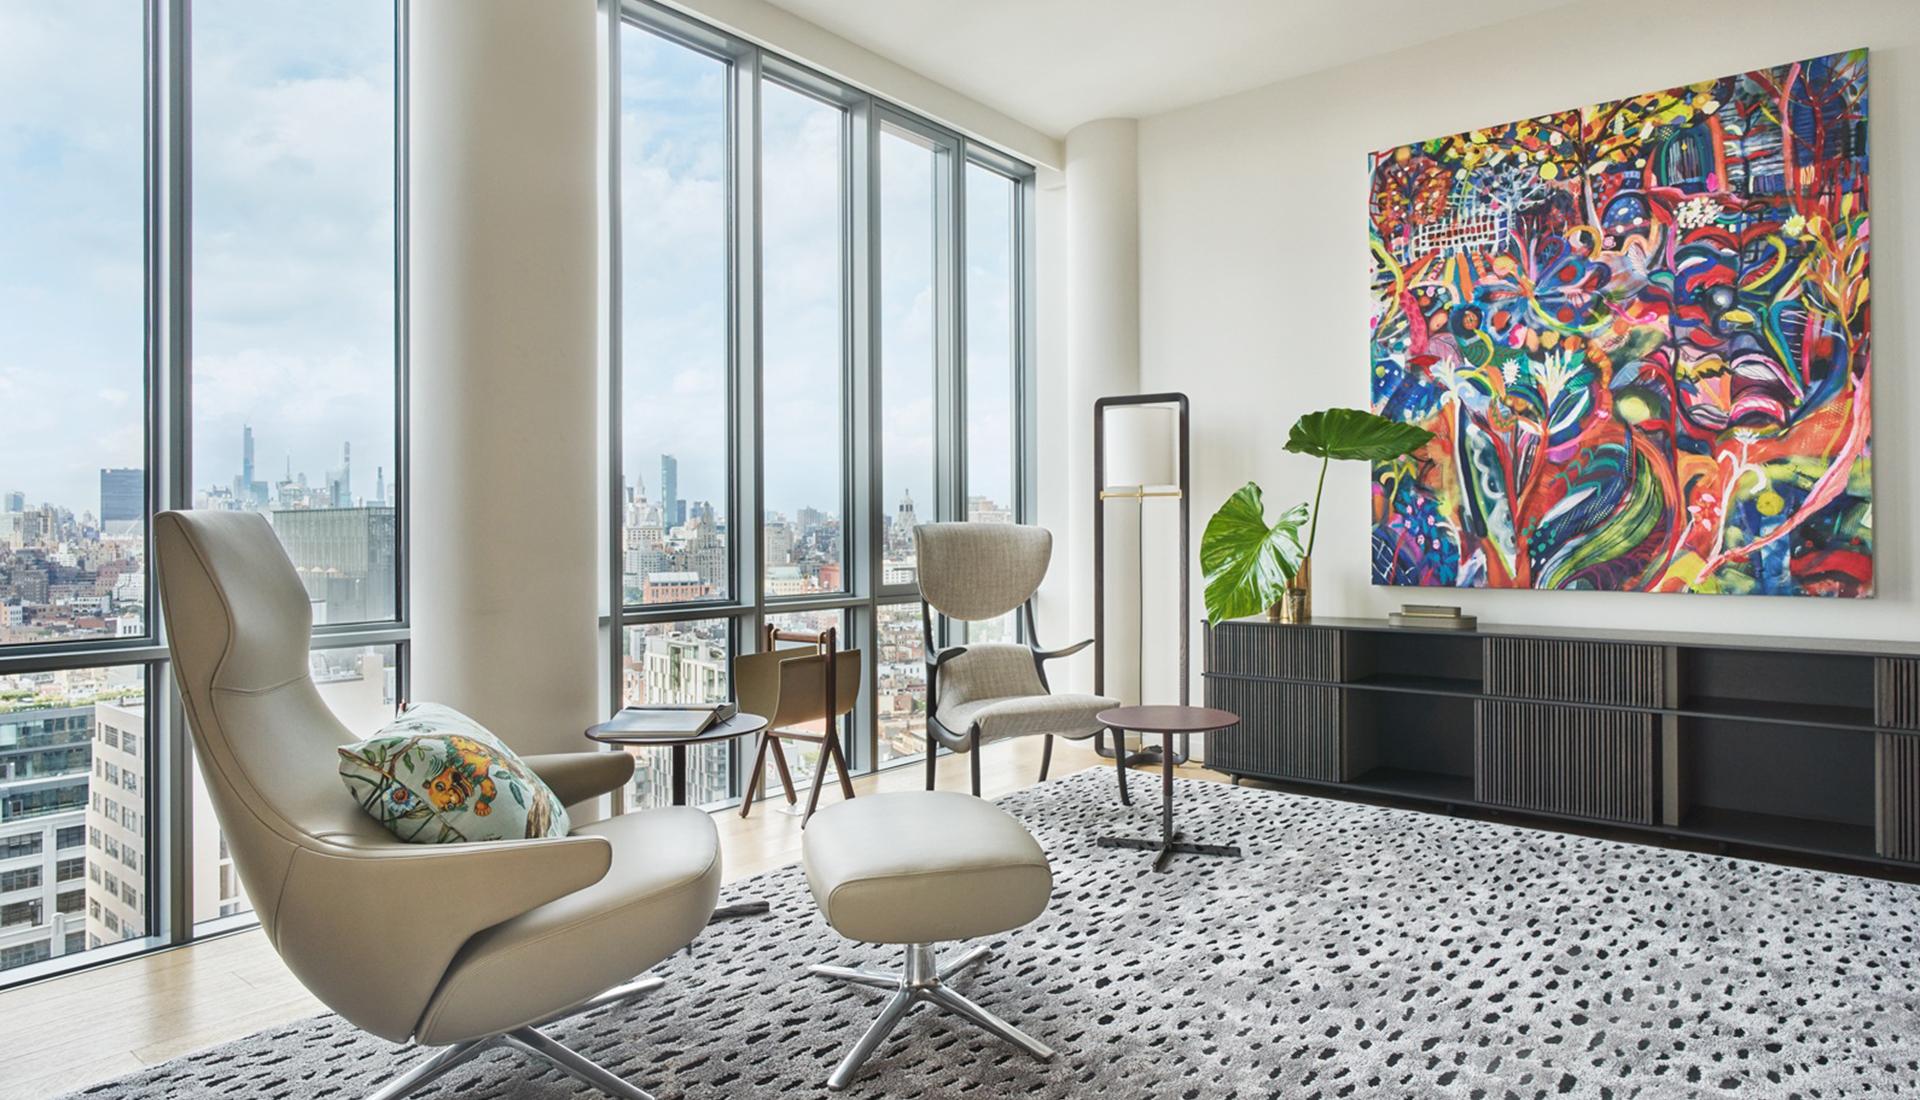 Poltrona Frau: апартаменты в небоскребе Ренцо Пьяно в Нью-Йорке